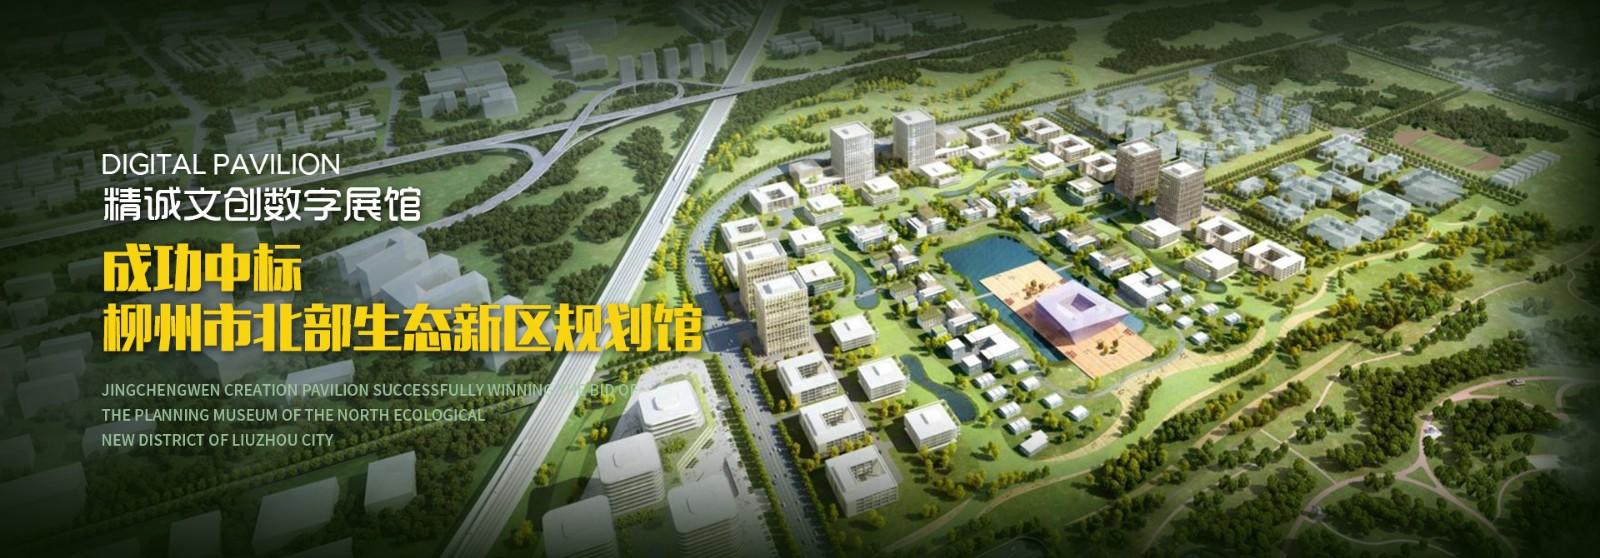 雷竞技最新版雷竞技手机版数字展览成功中标柳州市北部生态新区规划馆项目